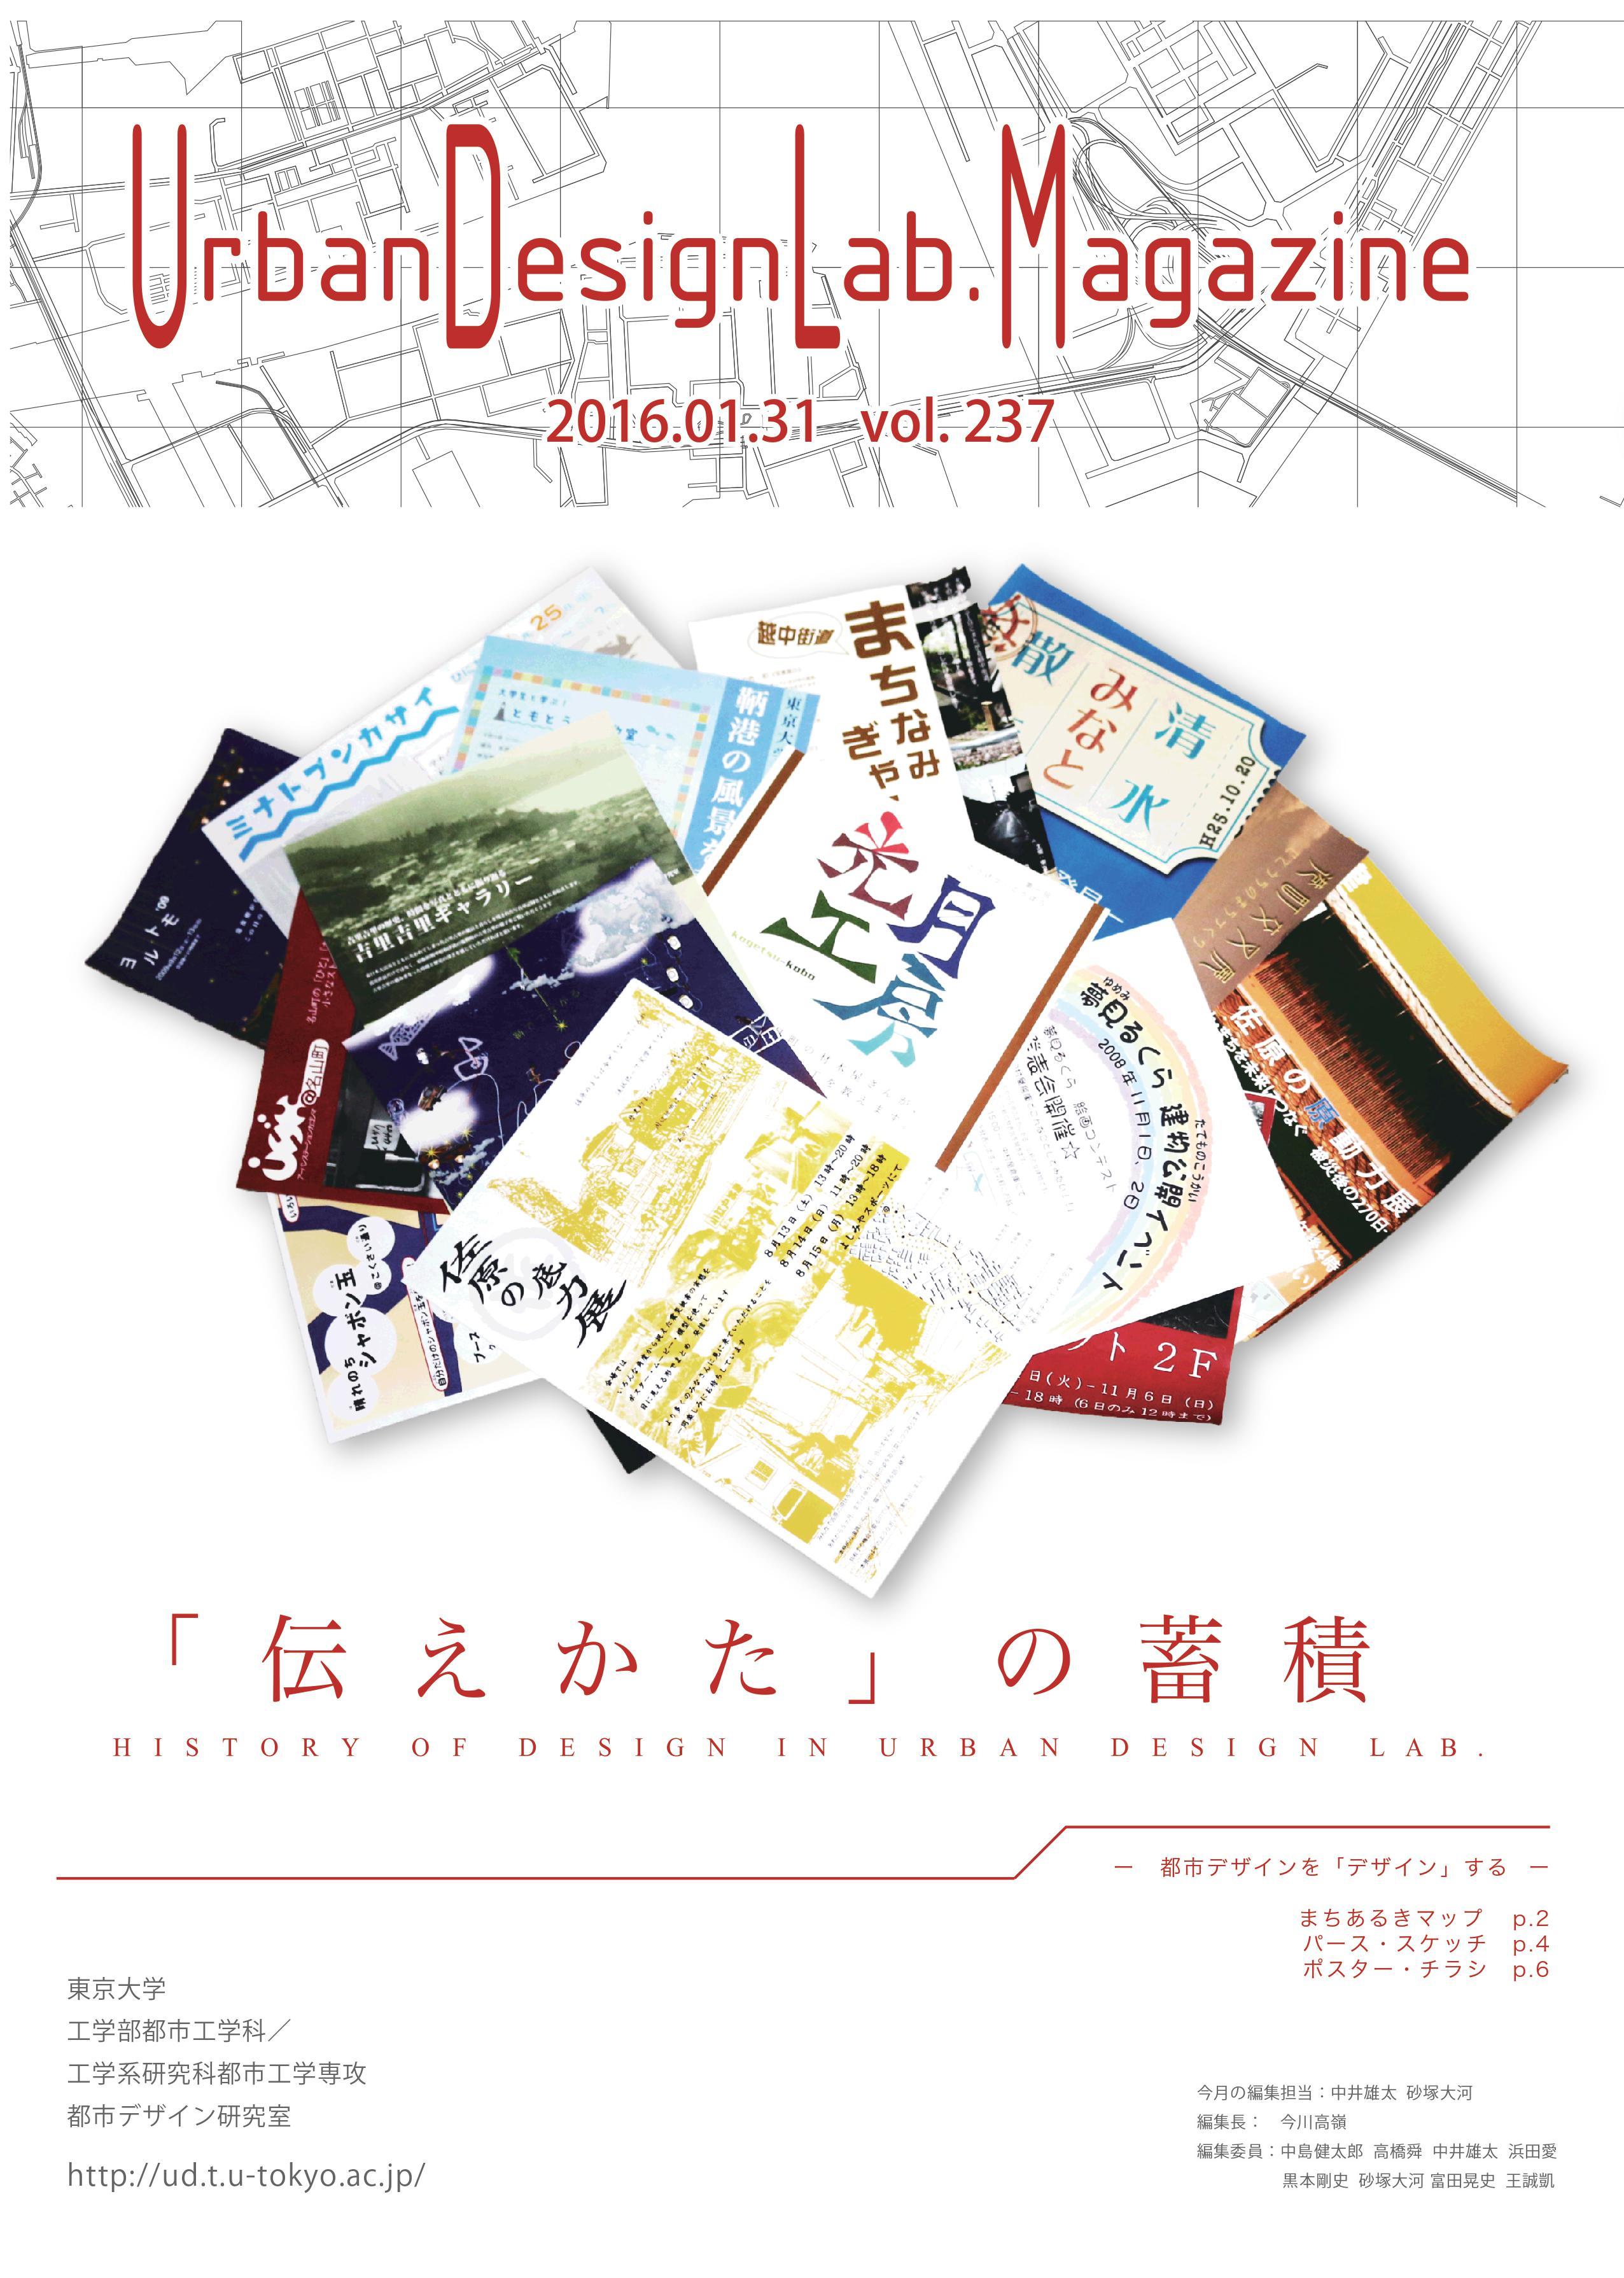 http://ud.t.u-tokyo.ac.jp/blog/_images/0001.jpg